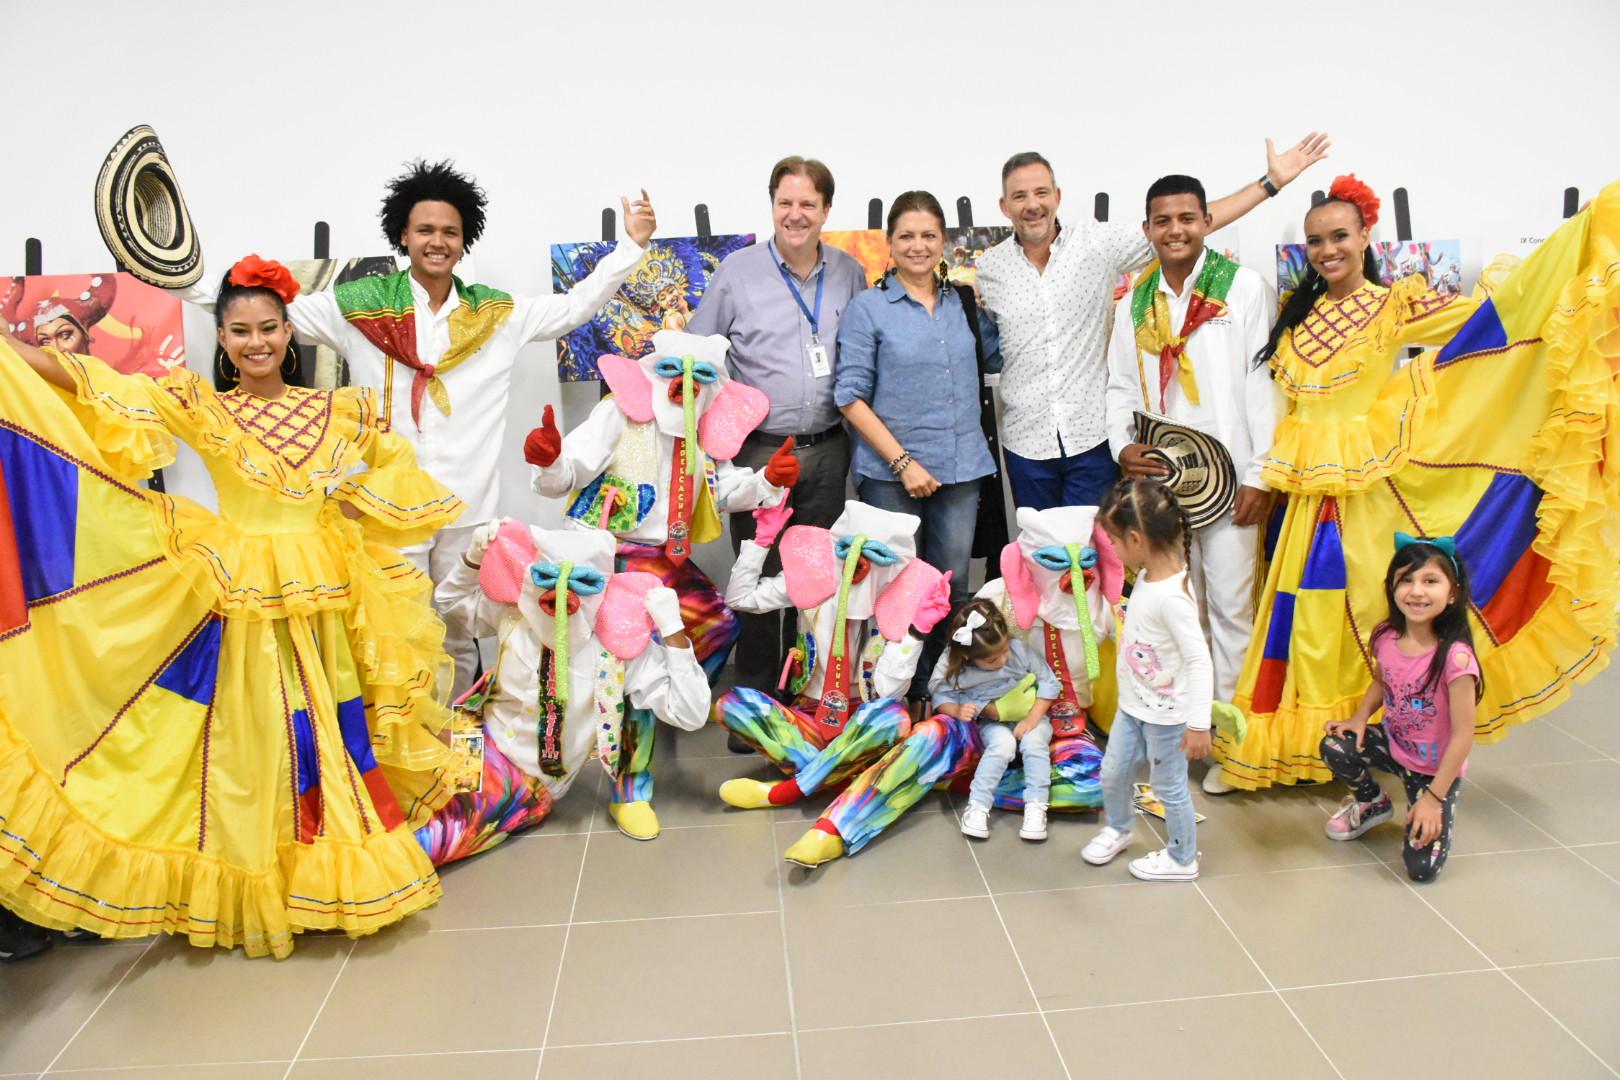 La tradición del Carnaval vuela en  el aeropuerto